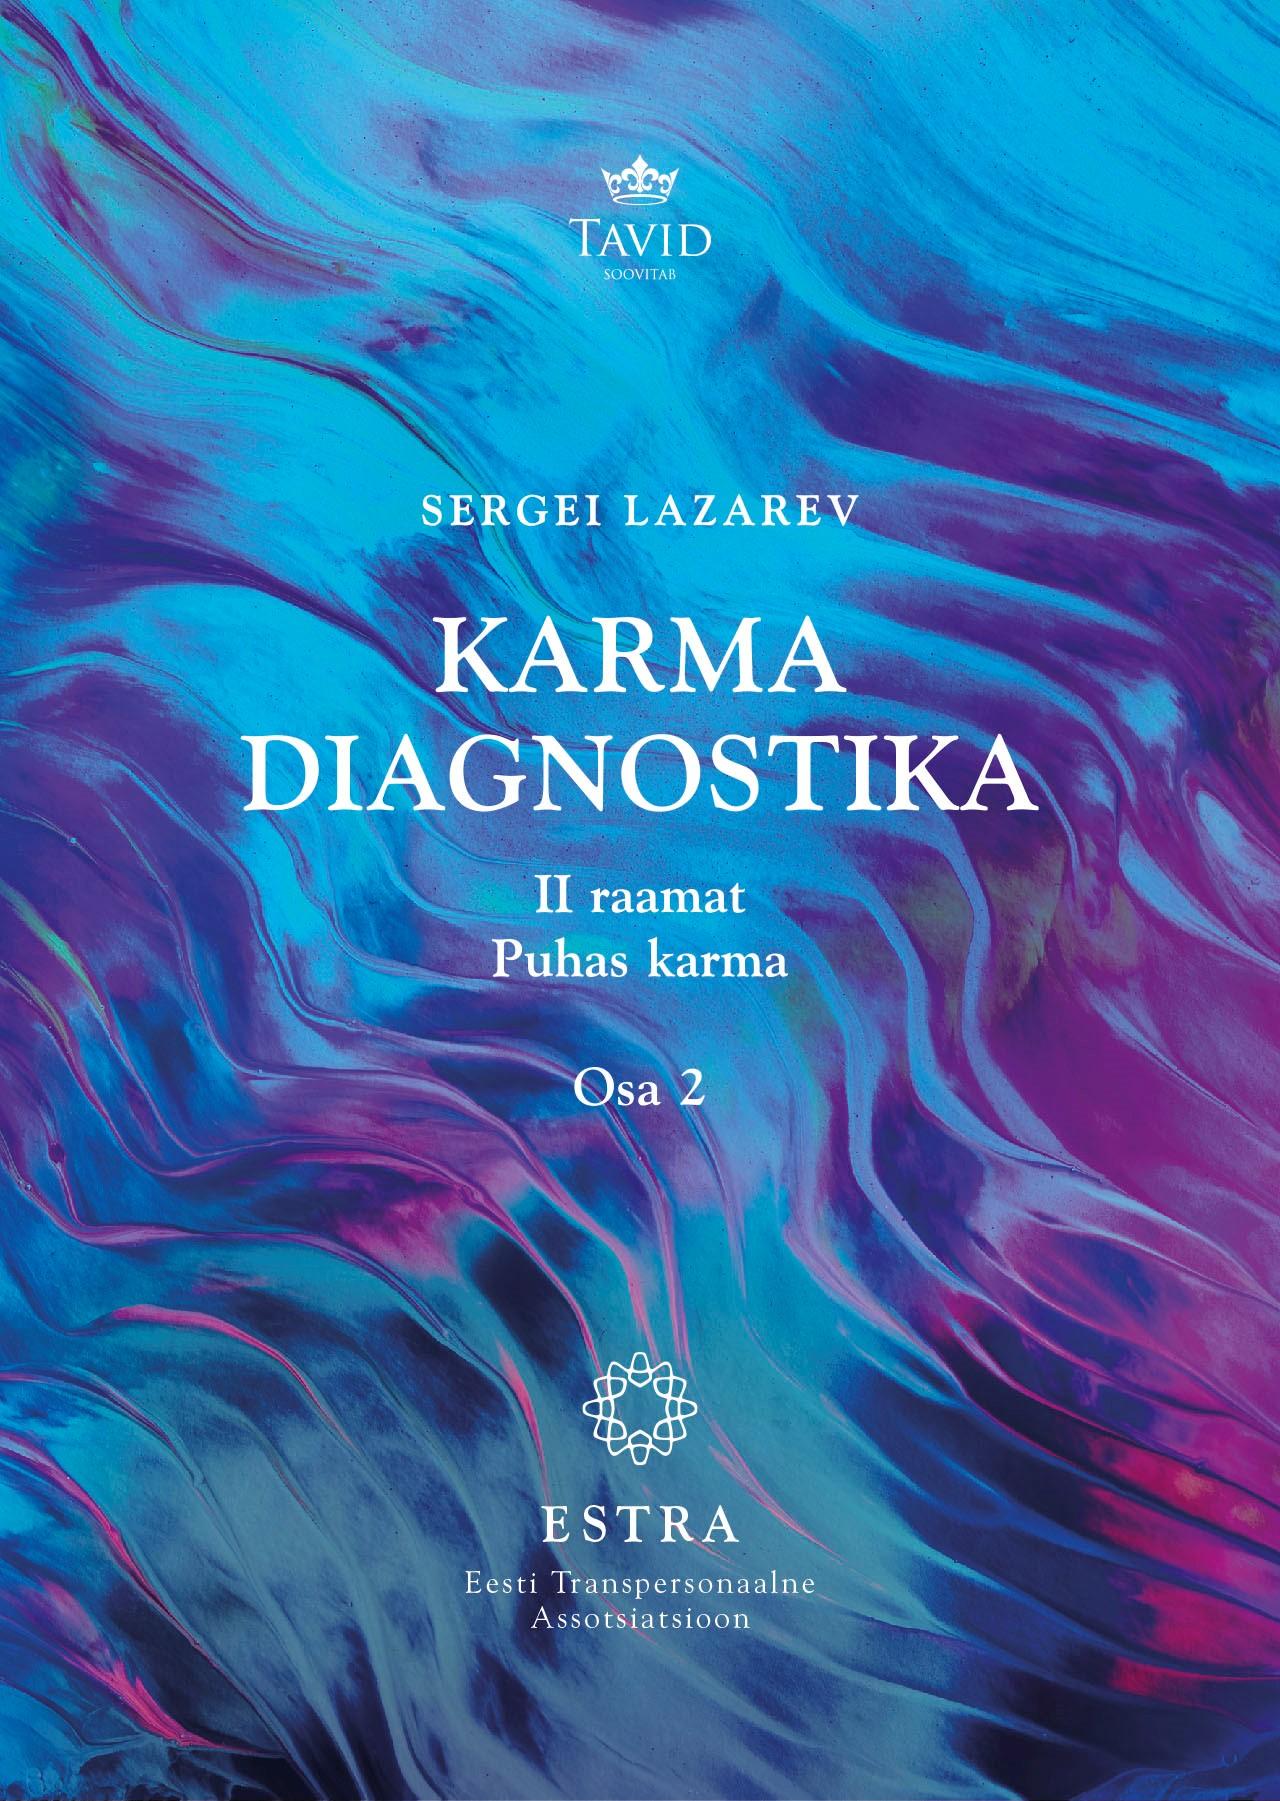 Karma diagnostika ii raamat. puhas karma 2 osa